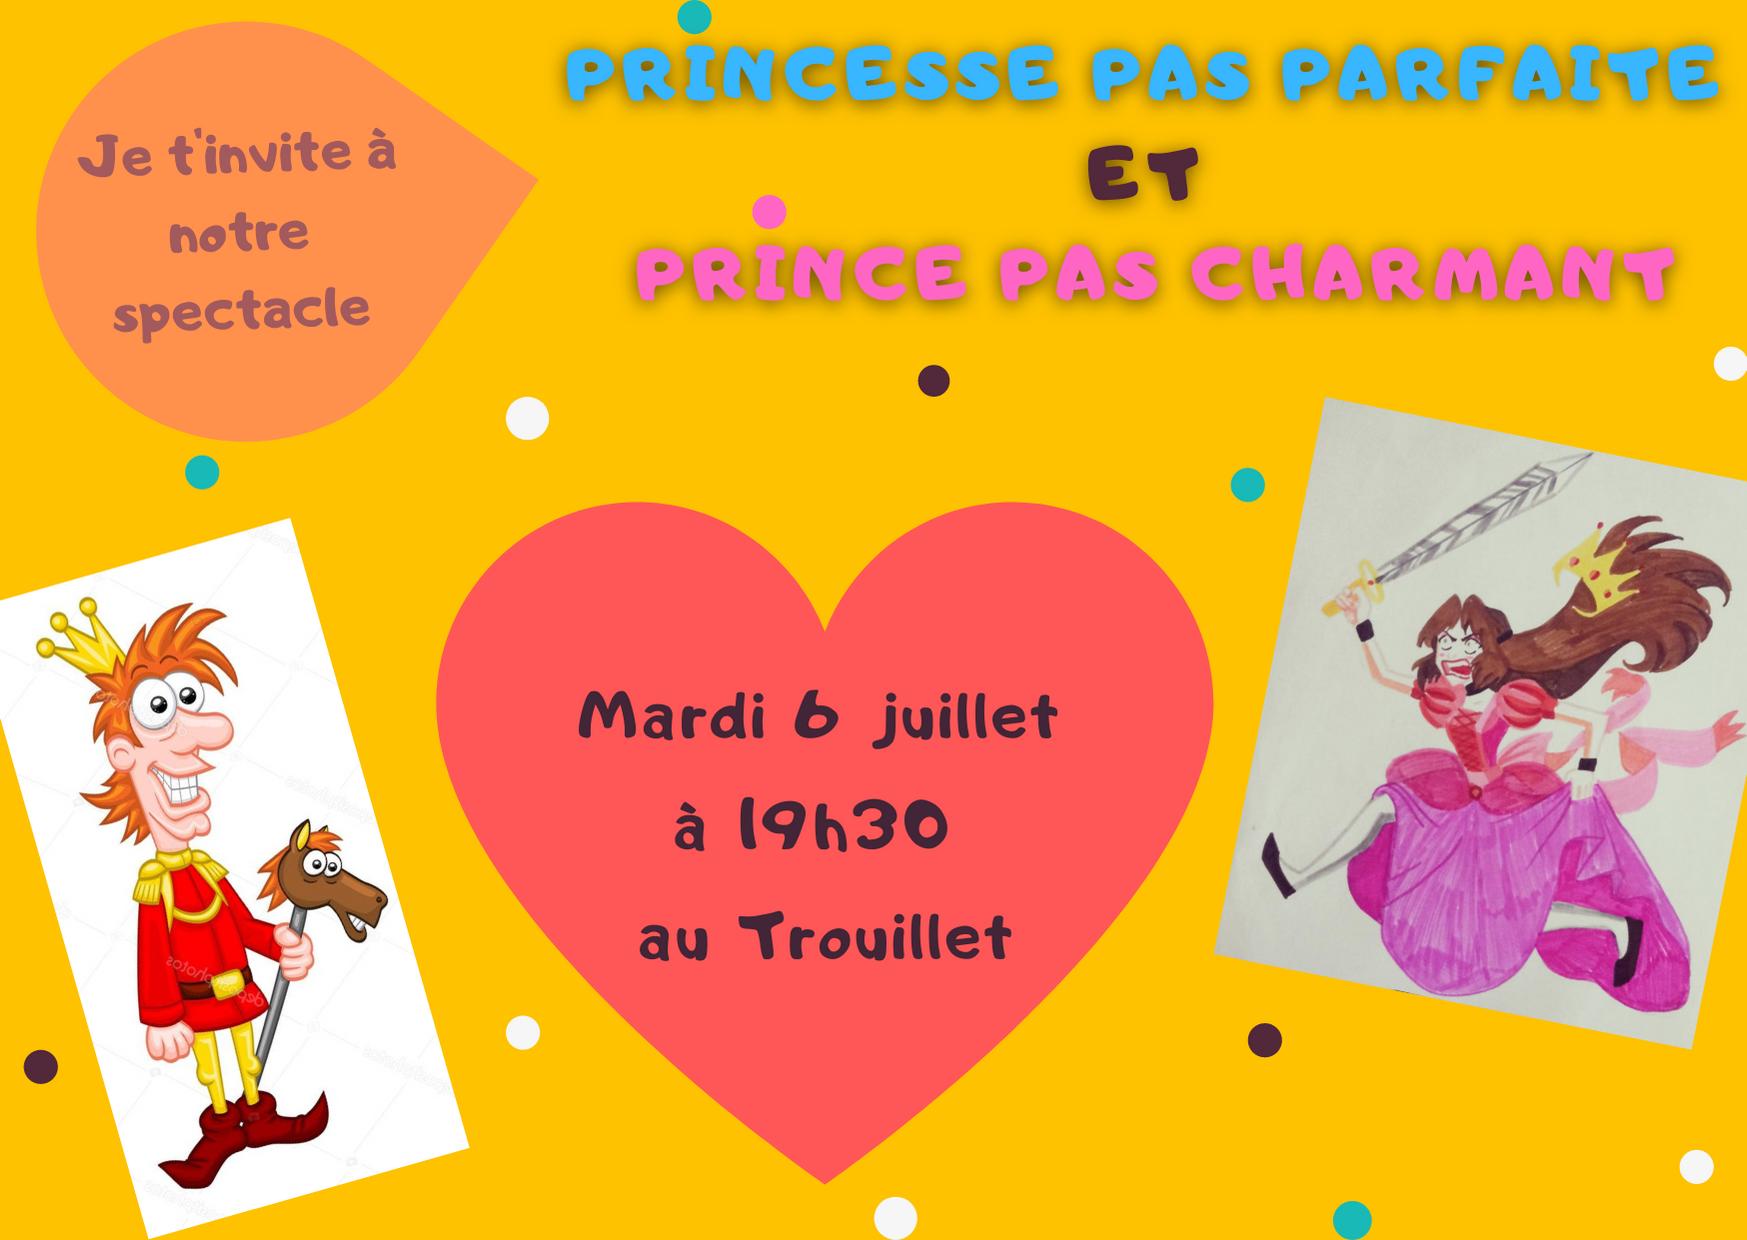 Princesse pas parfaite invitation